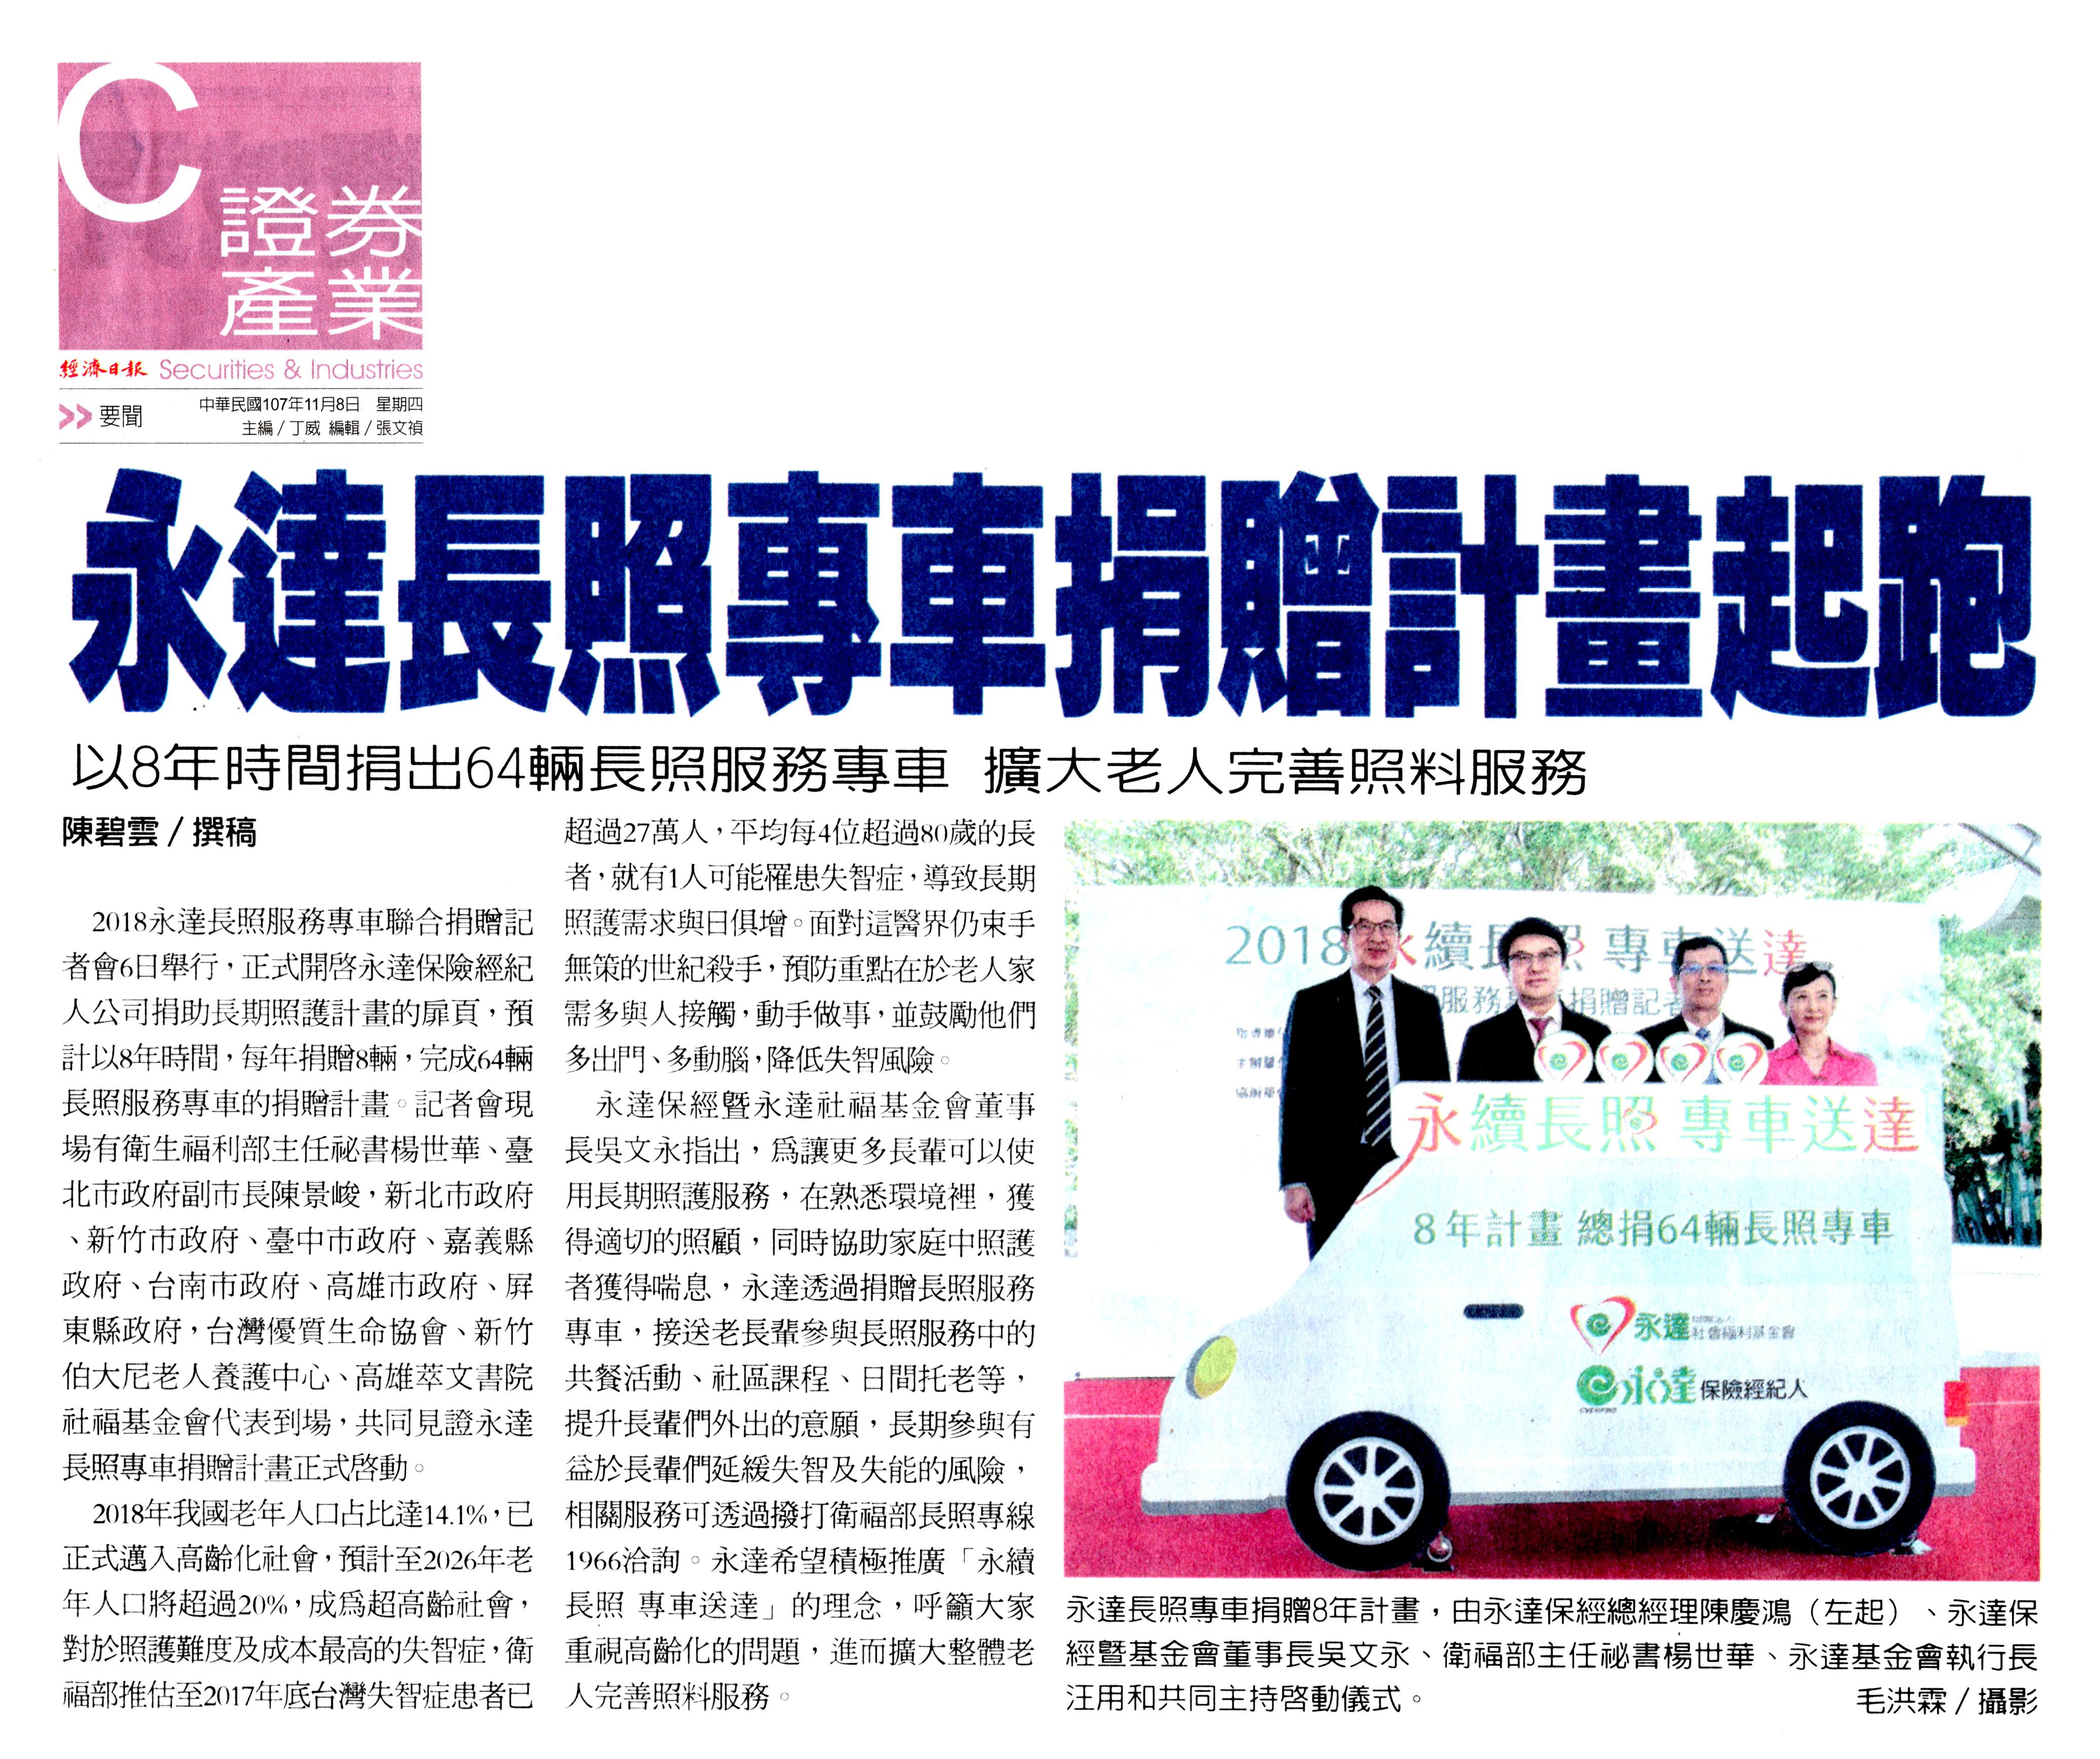 永達長照專車捐贈計畫起跑 以8年時間捐出64輛長照服務專車 擴大老人完善照料服務